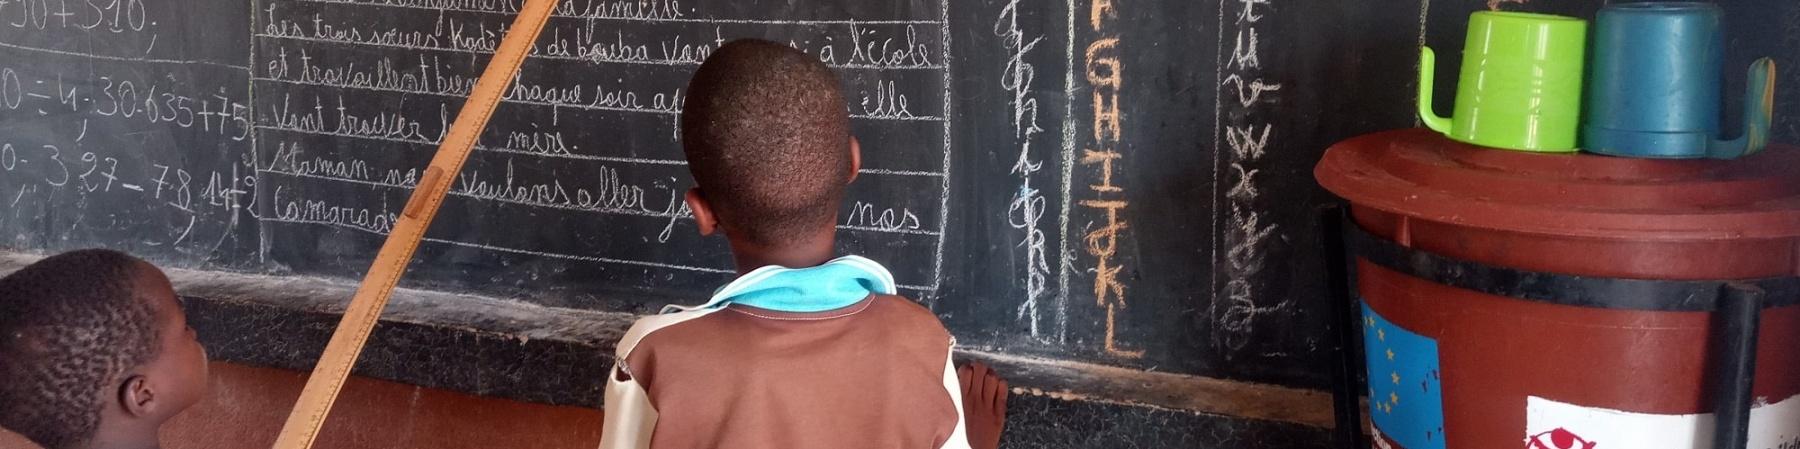 Alunni del centro di apprendimento finanziato dall'UE a Mopti, che si concentra sull'apprendimento accelerato per i bambini che vivono in contesti di emergenza.